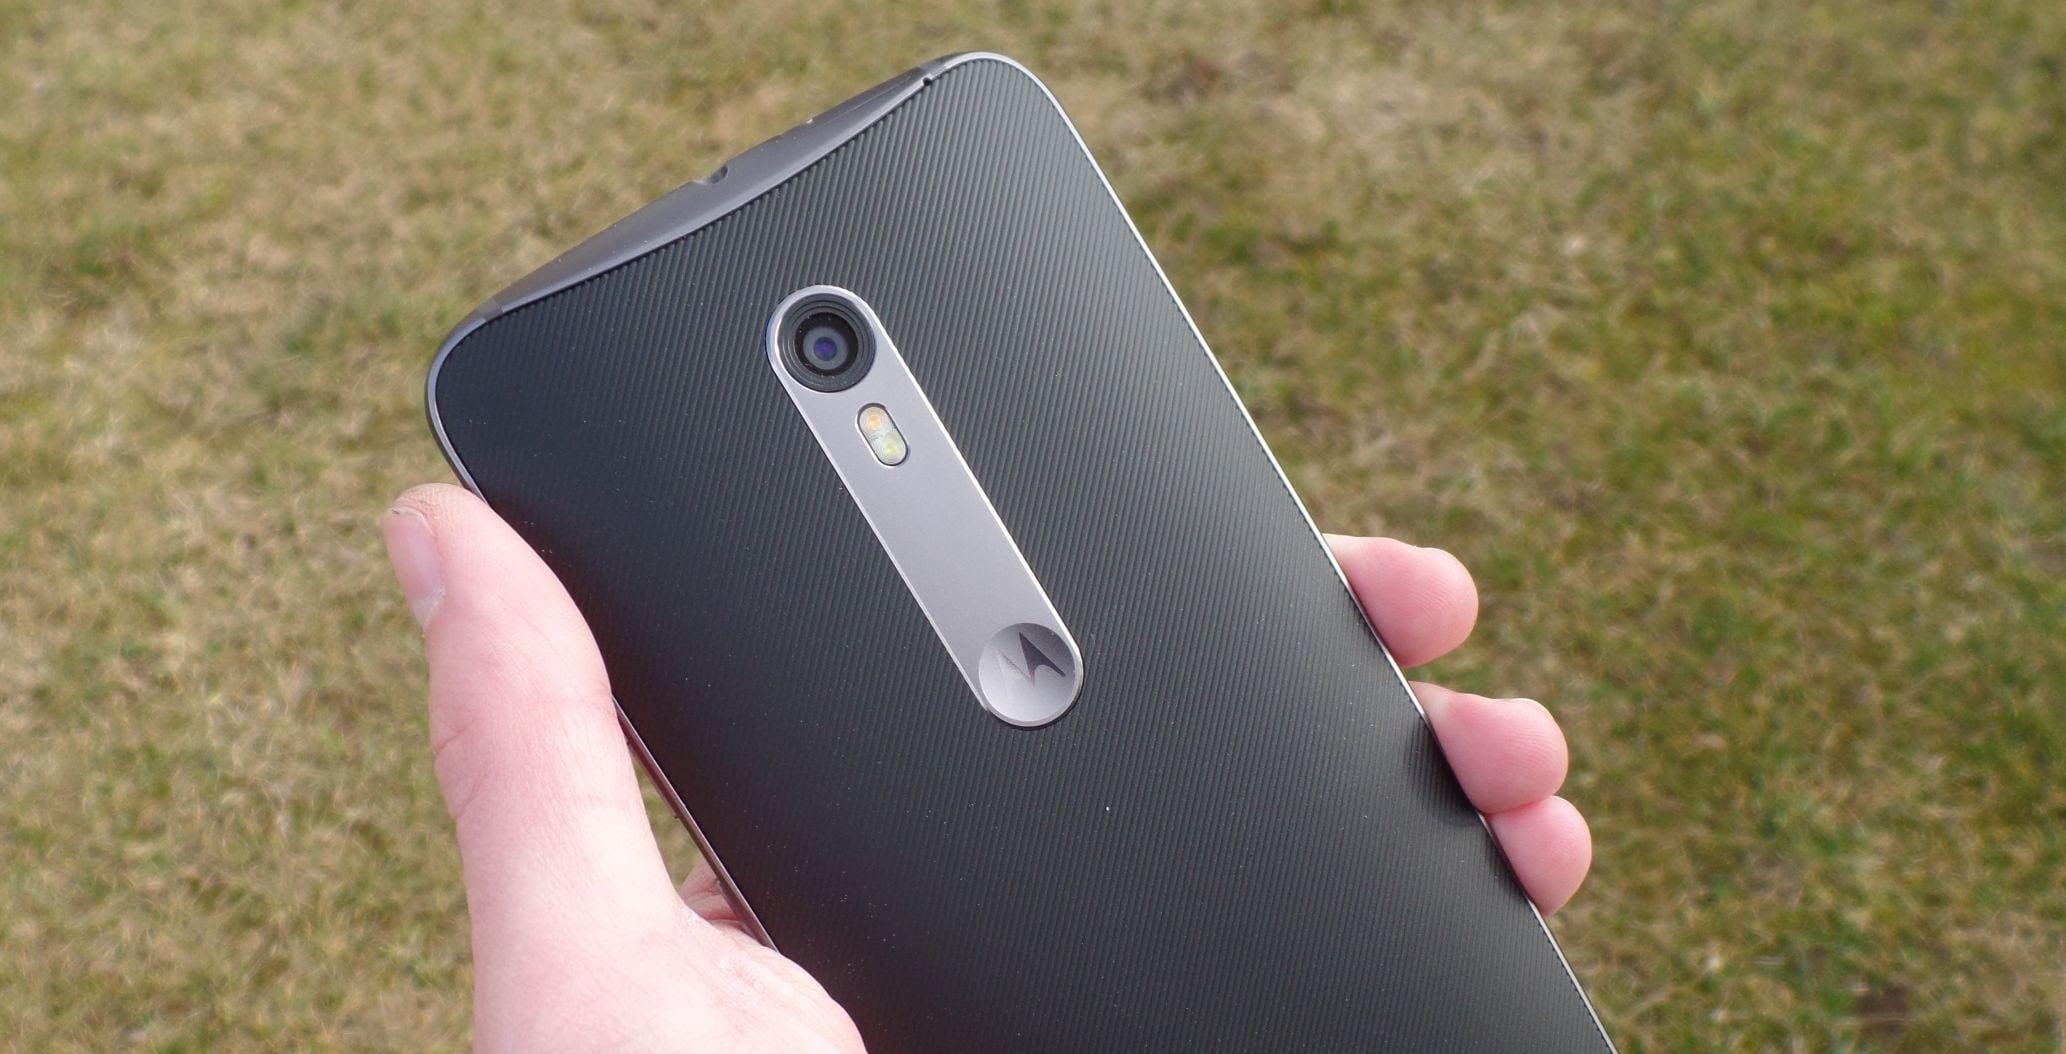 Tabletowo.pl Motorola Moto X4 (2017) będzie mieć podwójny aparat Lenovo Motorola Nowości Plotki / Przecieki Producenci